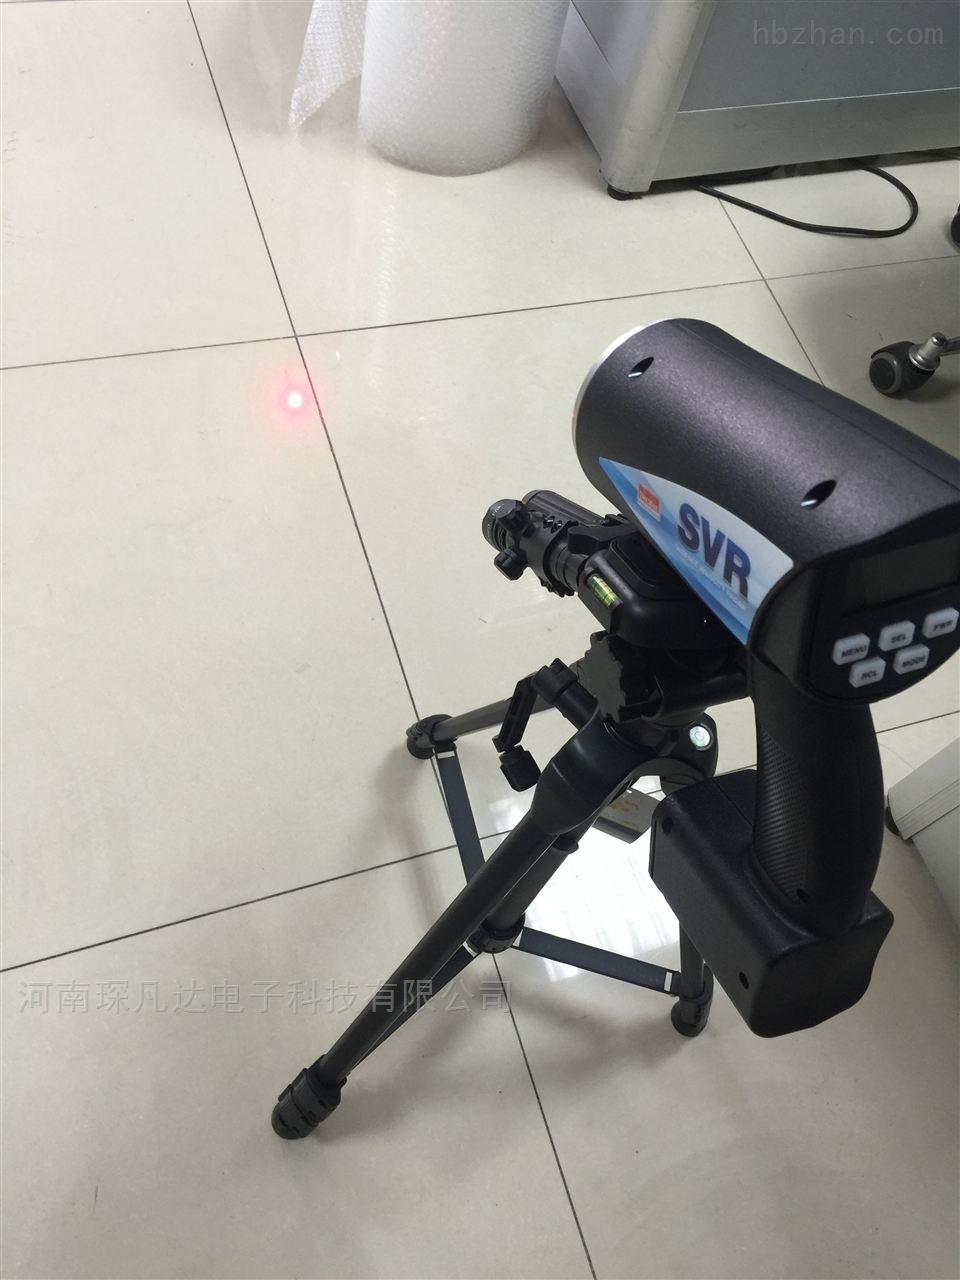 电波流速仪/手持式雷达多普勒测流速/雷达枪